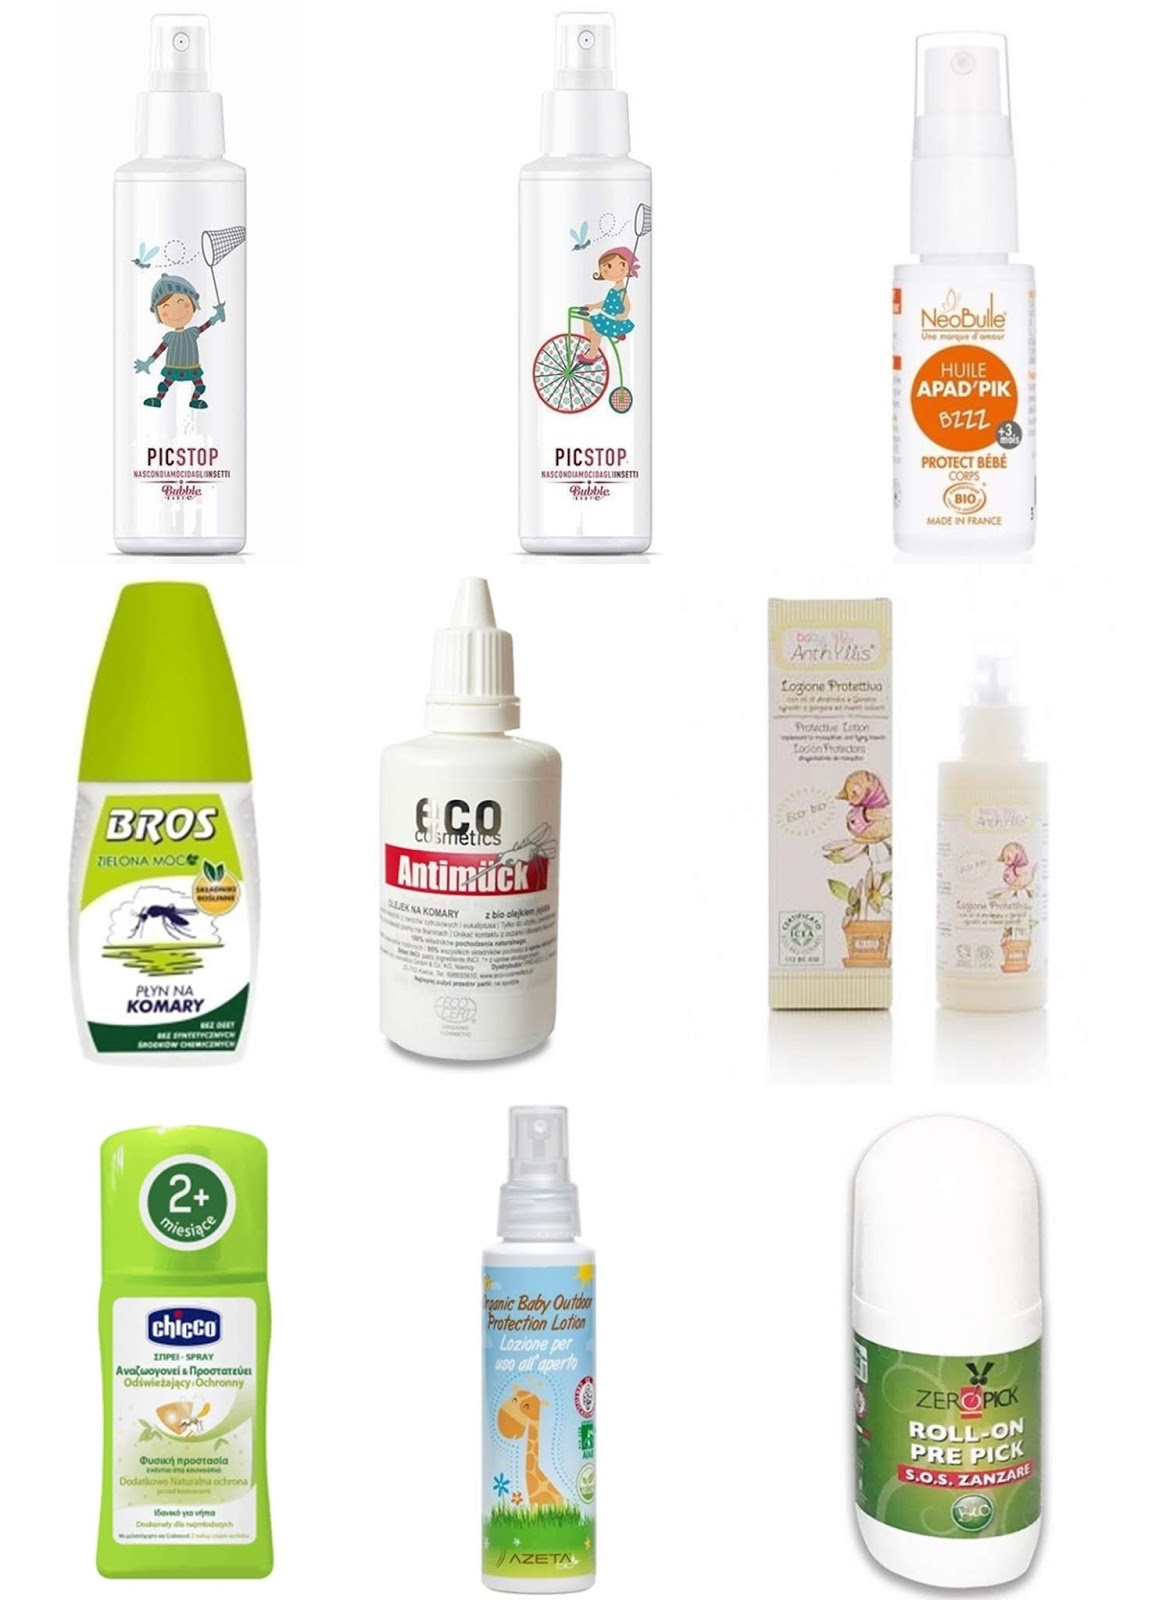 Produkty przeciw owadom, kleszczom i insektom z dobrym składem.